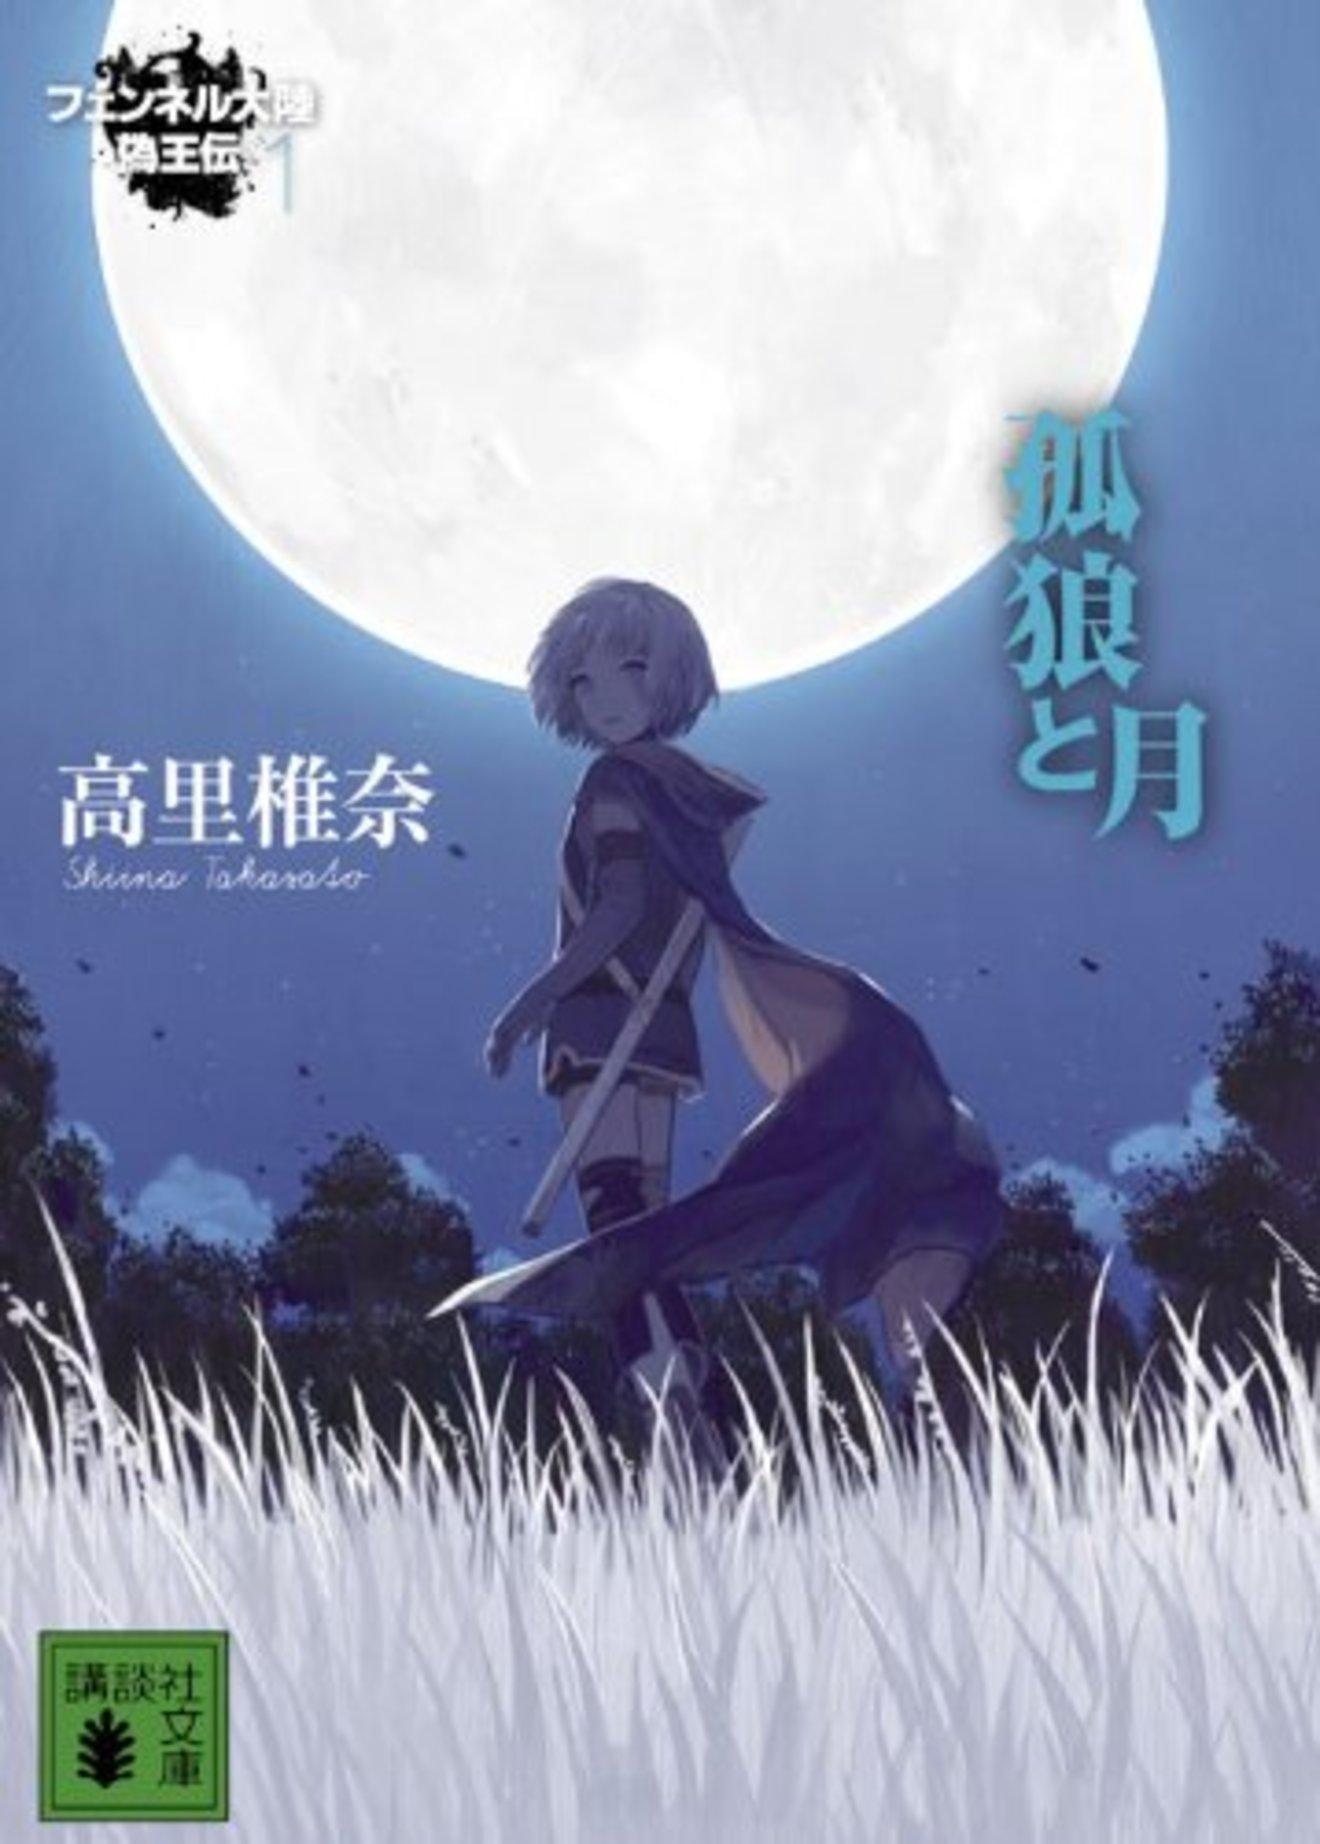 高里椎奈のおすすめ作品5選!登場人物が魅力的な作品ばかり!